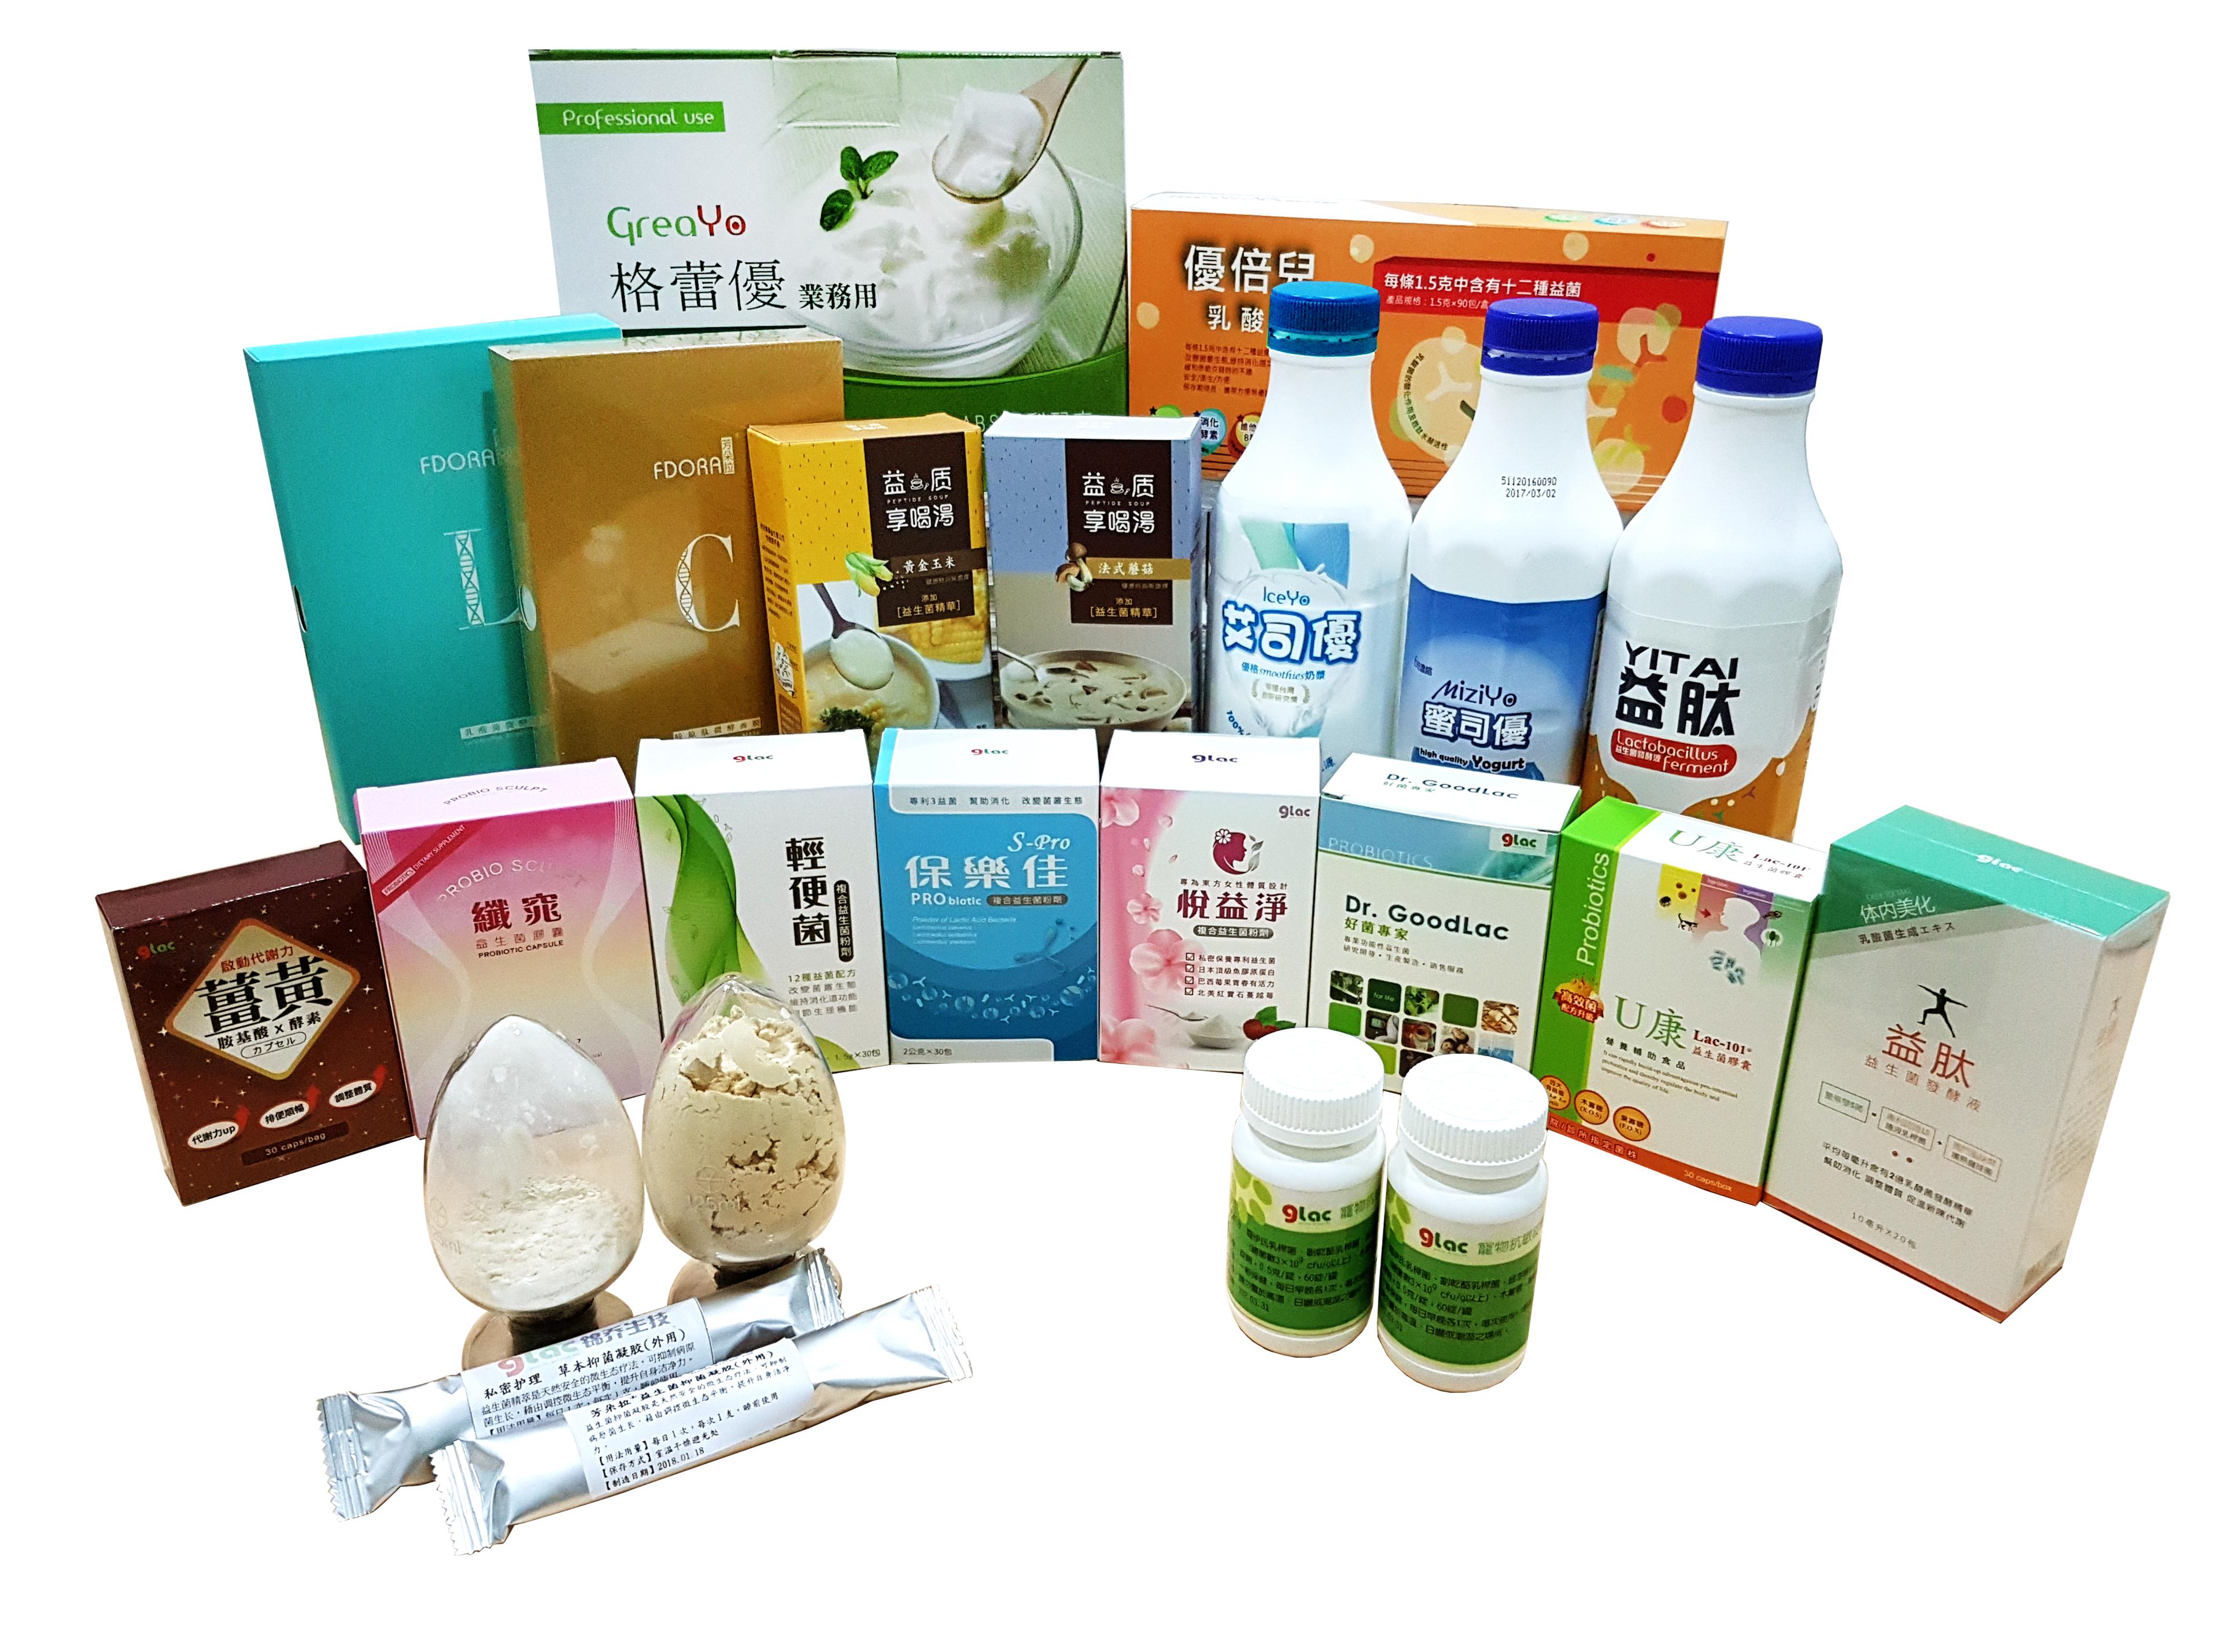 可應用產品範圍,公司已應用於中間產品【益質享喝湯】。